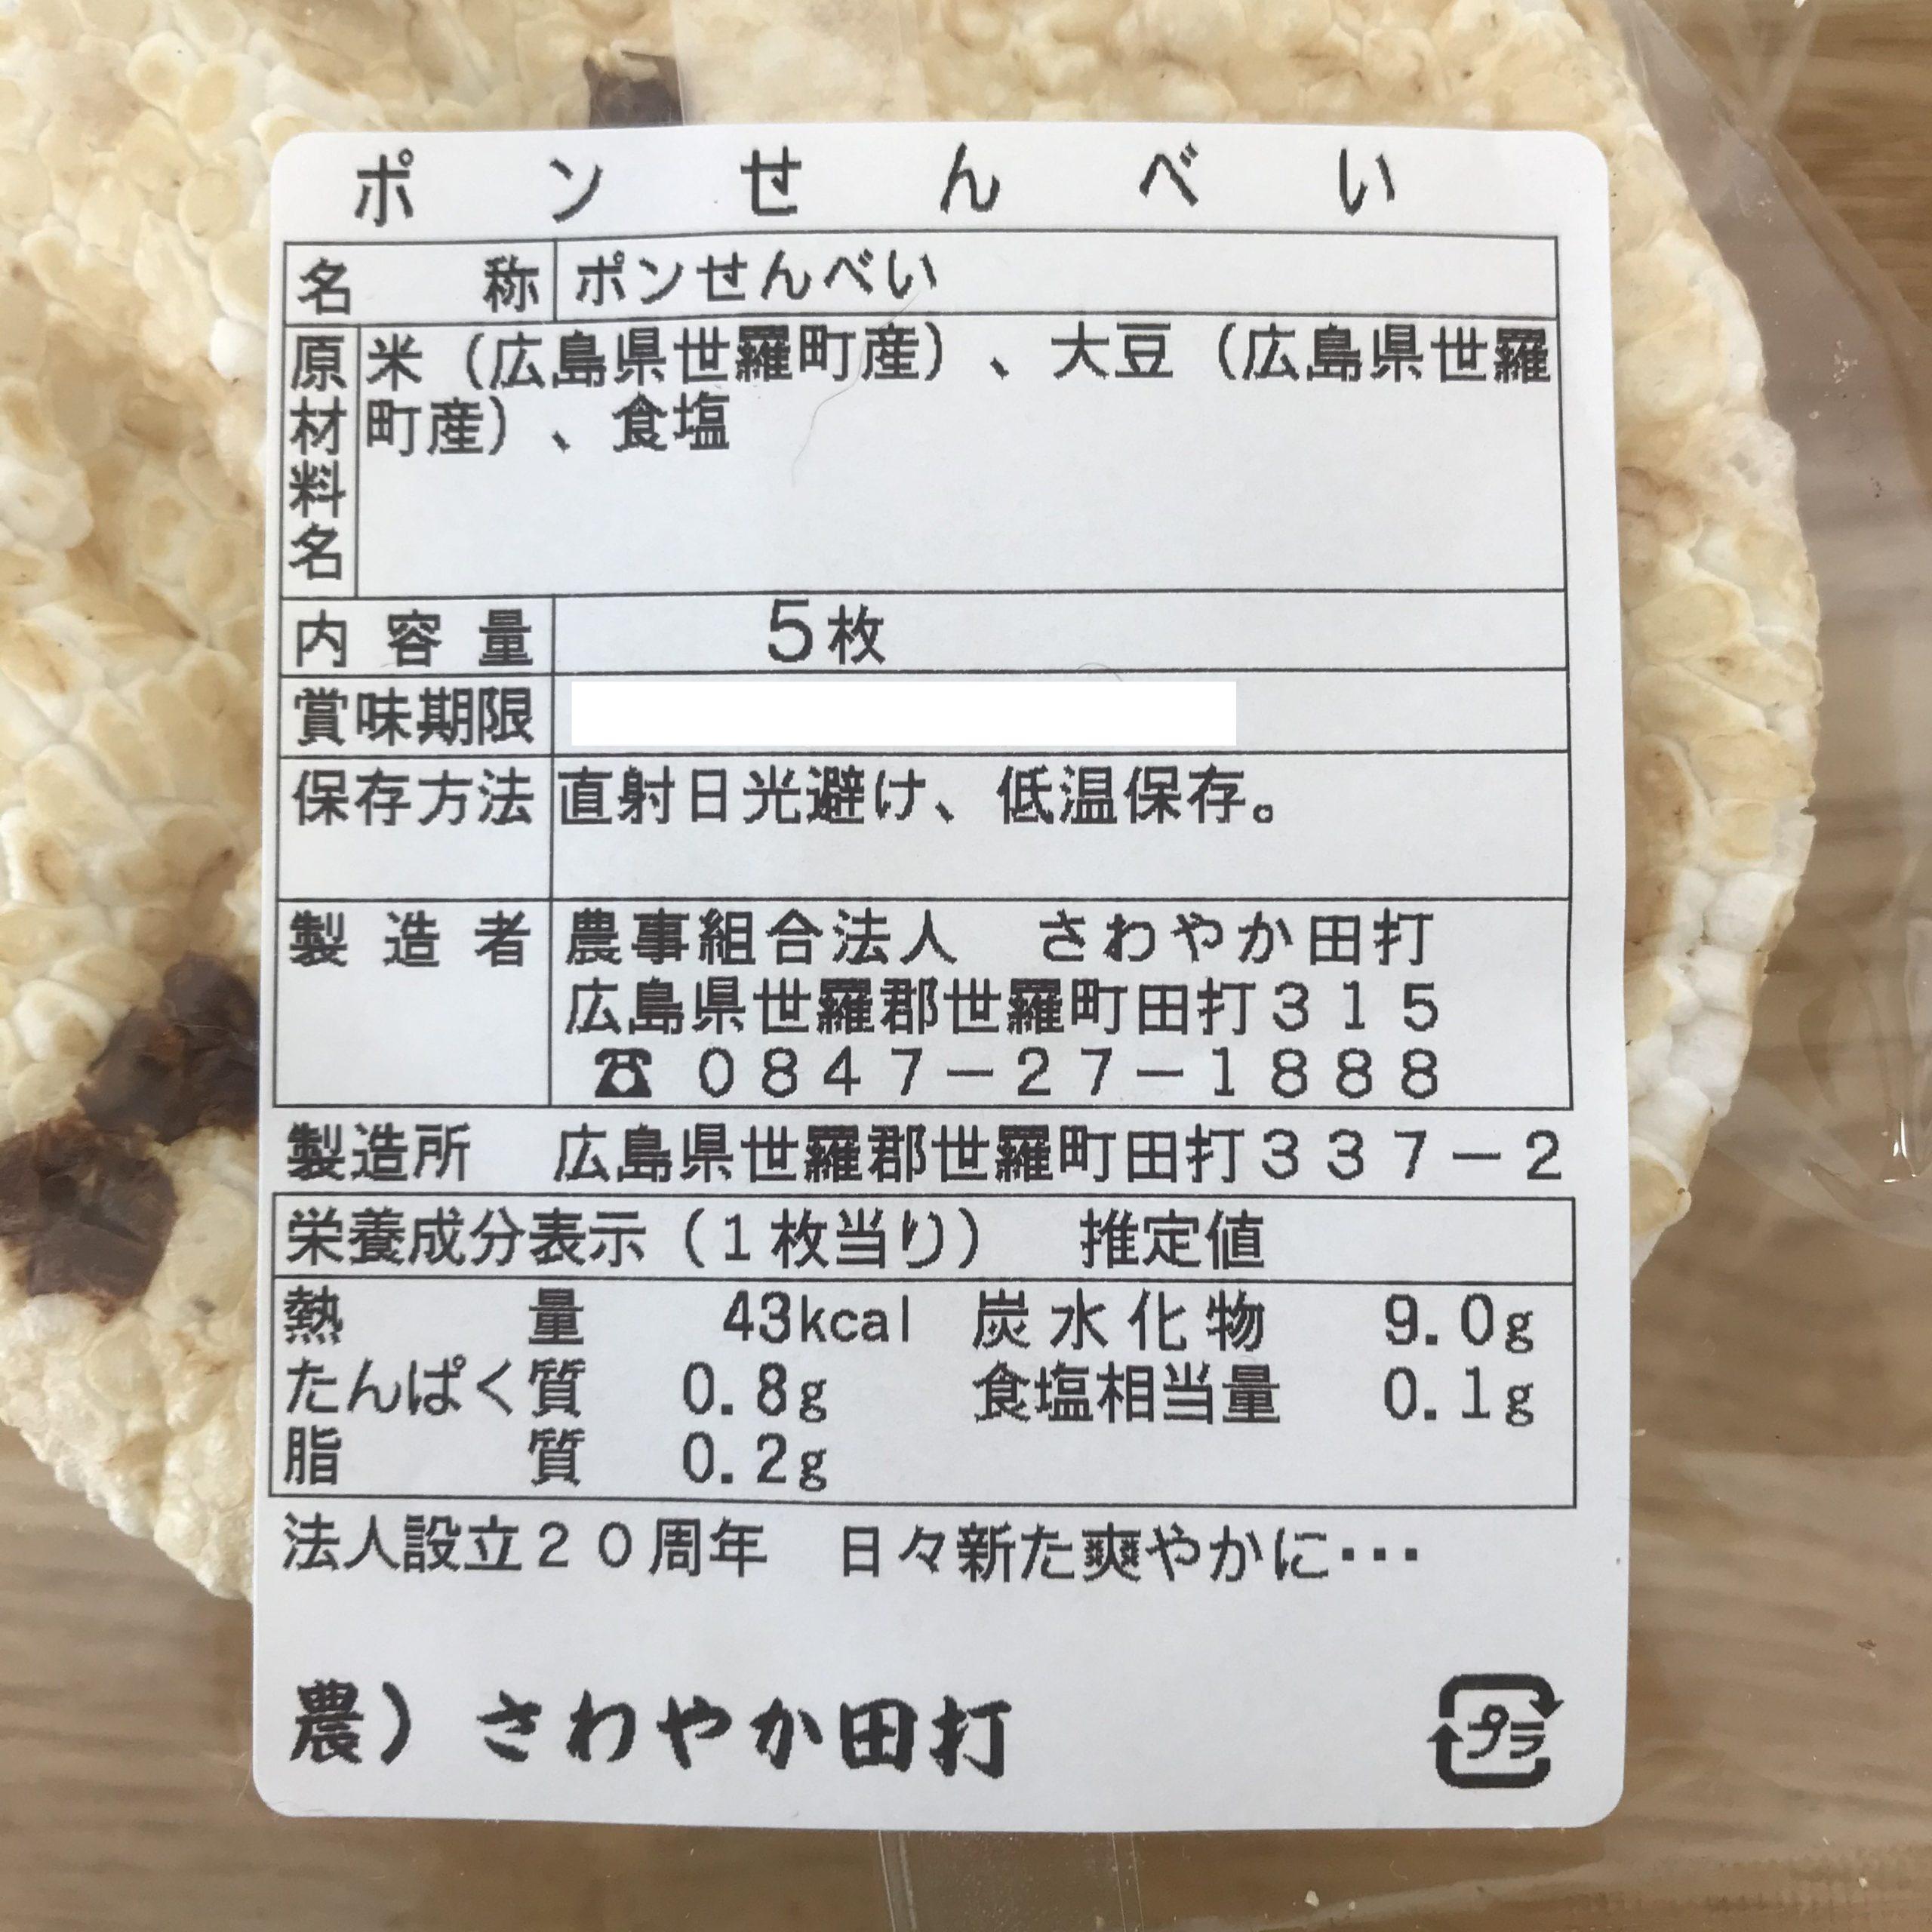 ポンせんべい(5枚入)